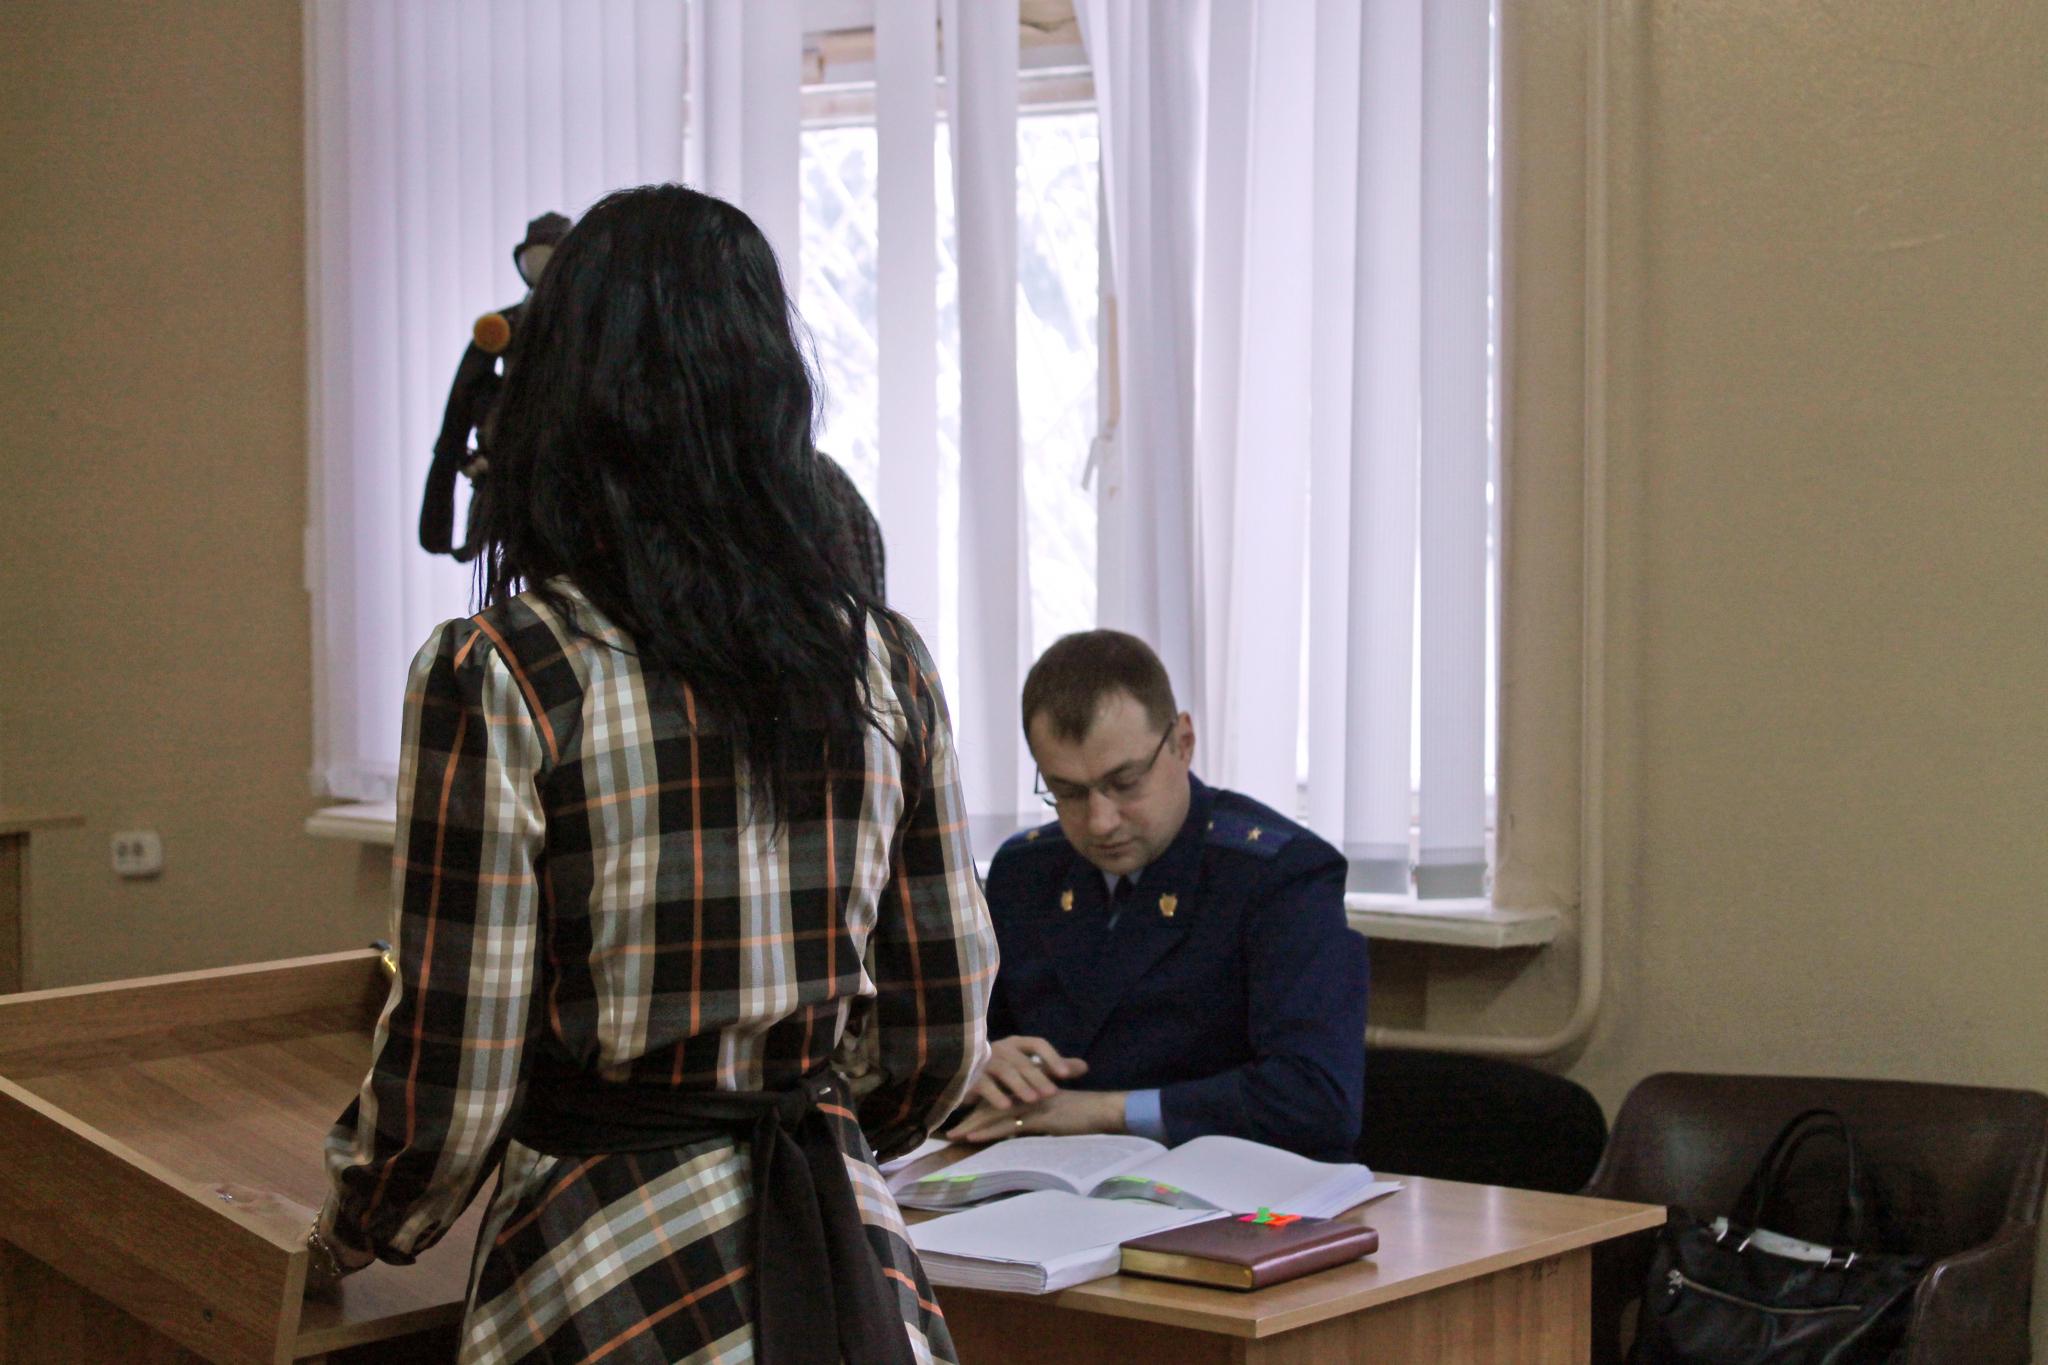 В Чепецке женщина схватила девочку за волосы и отобрала у нее iPhone